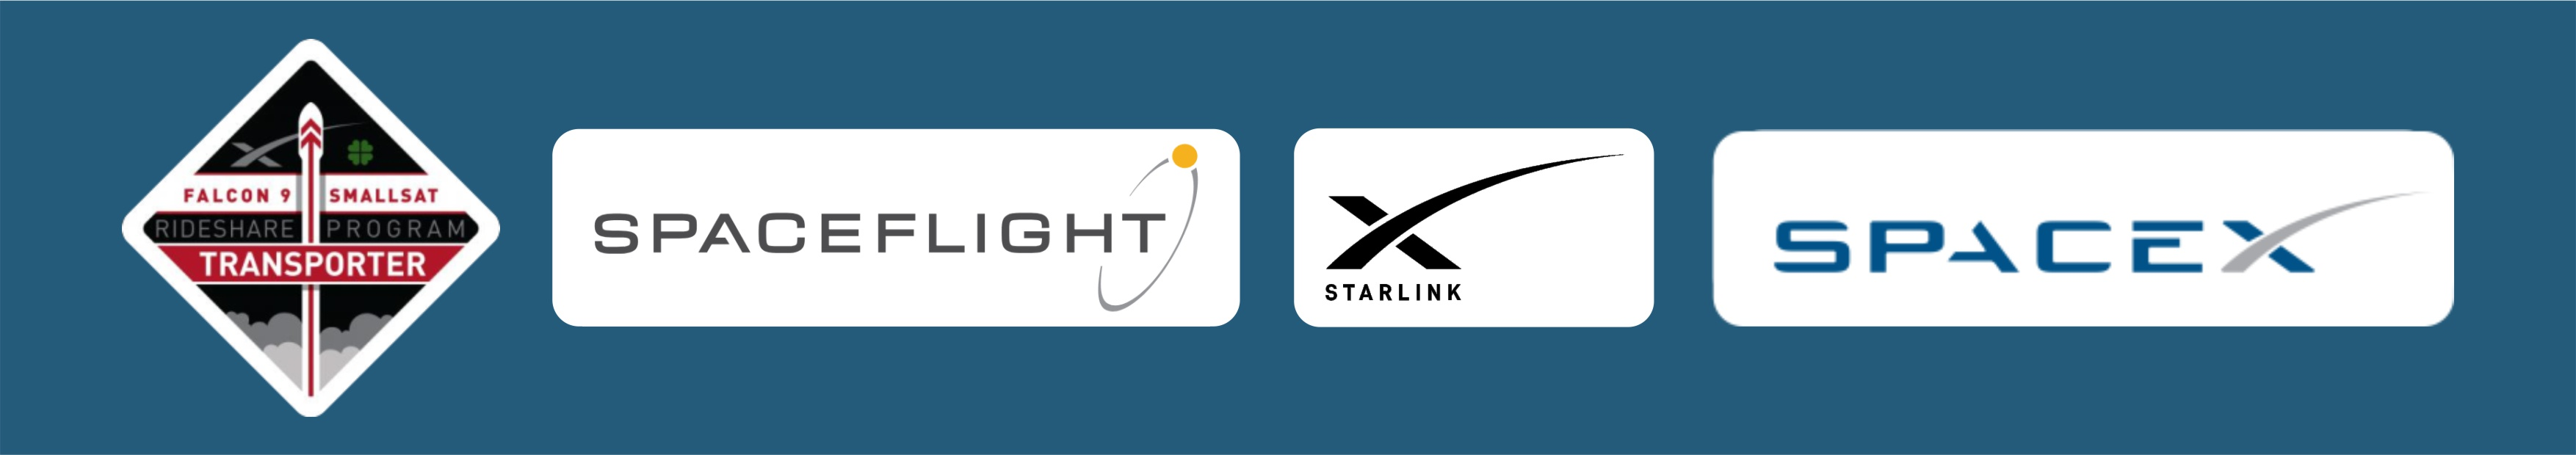 Эмблемы и нашивки миссии Falcon 9/Transporter-1.